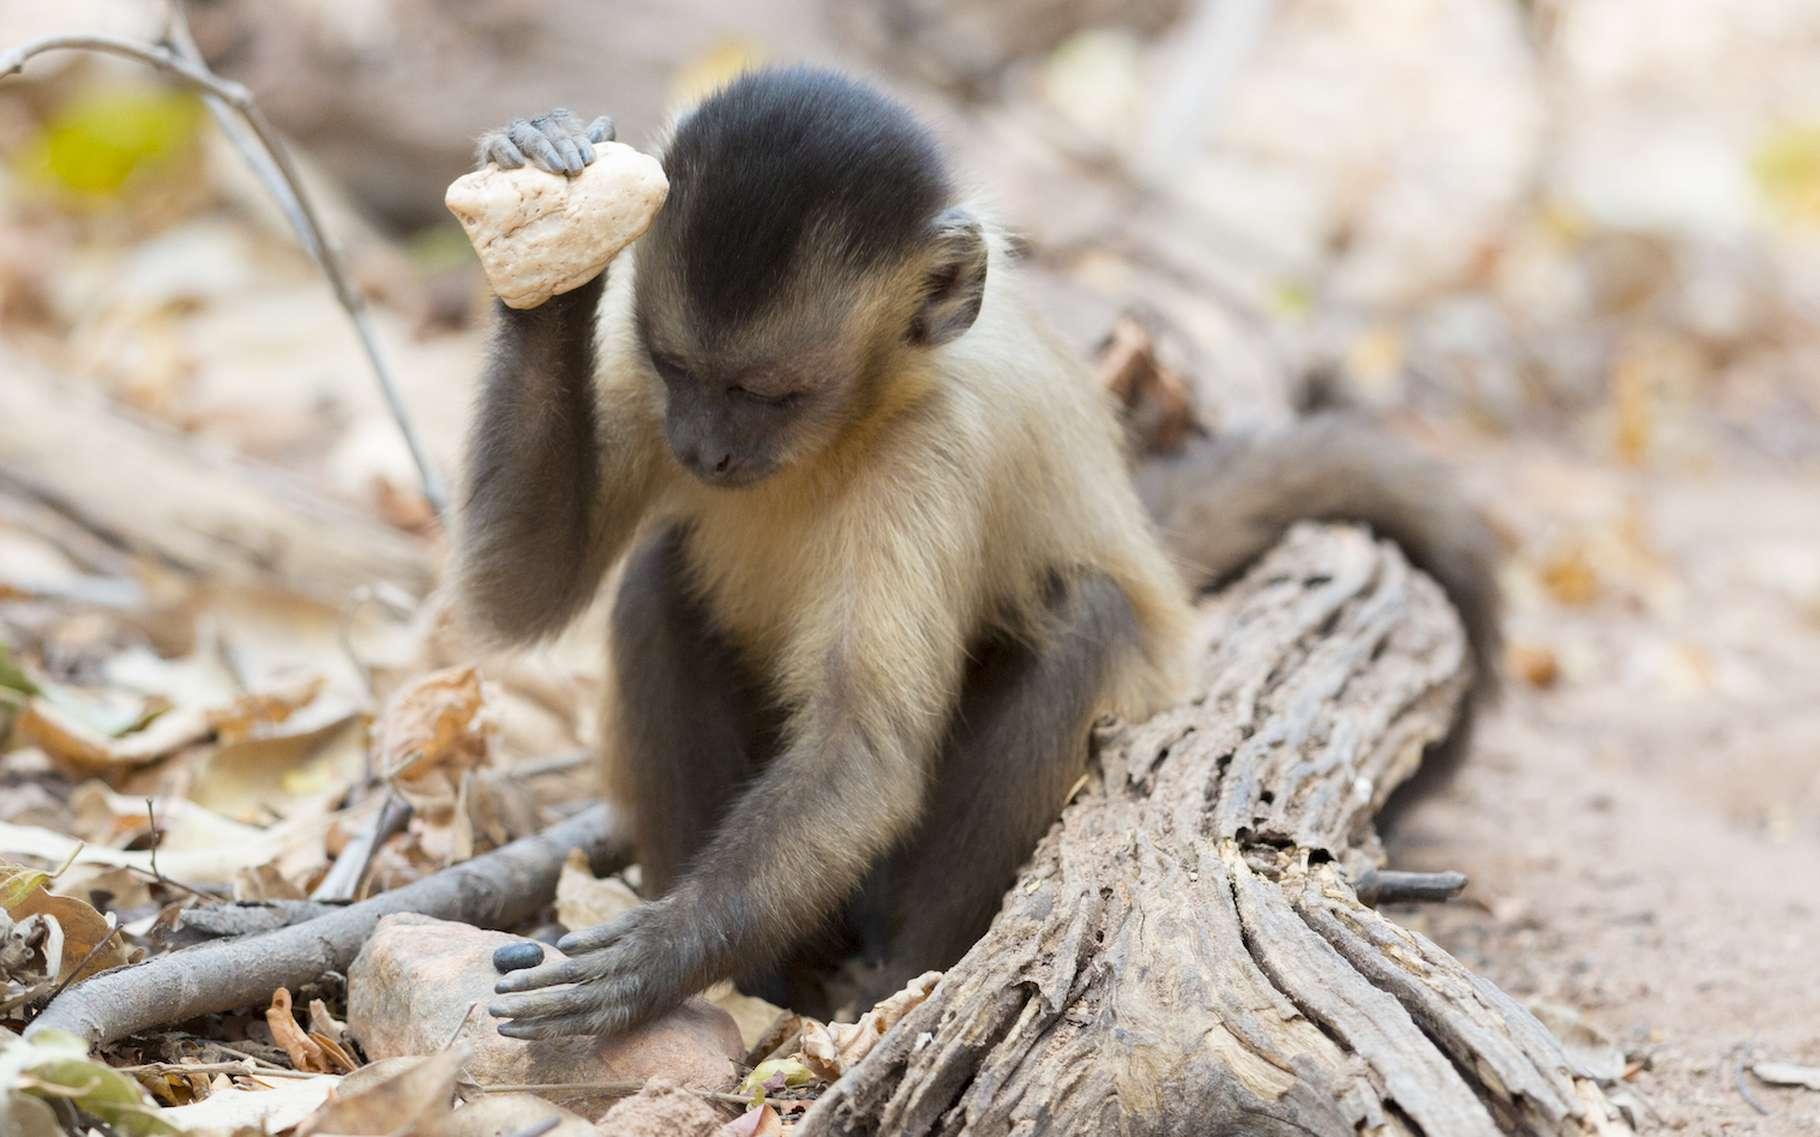 Des fouilles indiquent que les singes capucins utilisent des pierres comme outils de pilonnage depuis 3.000 ans, avec des variations dans la taille et le poids de l'outil. © Tiago Falotico, Wikimedia, CC By-4.0